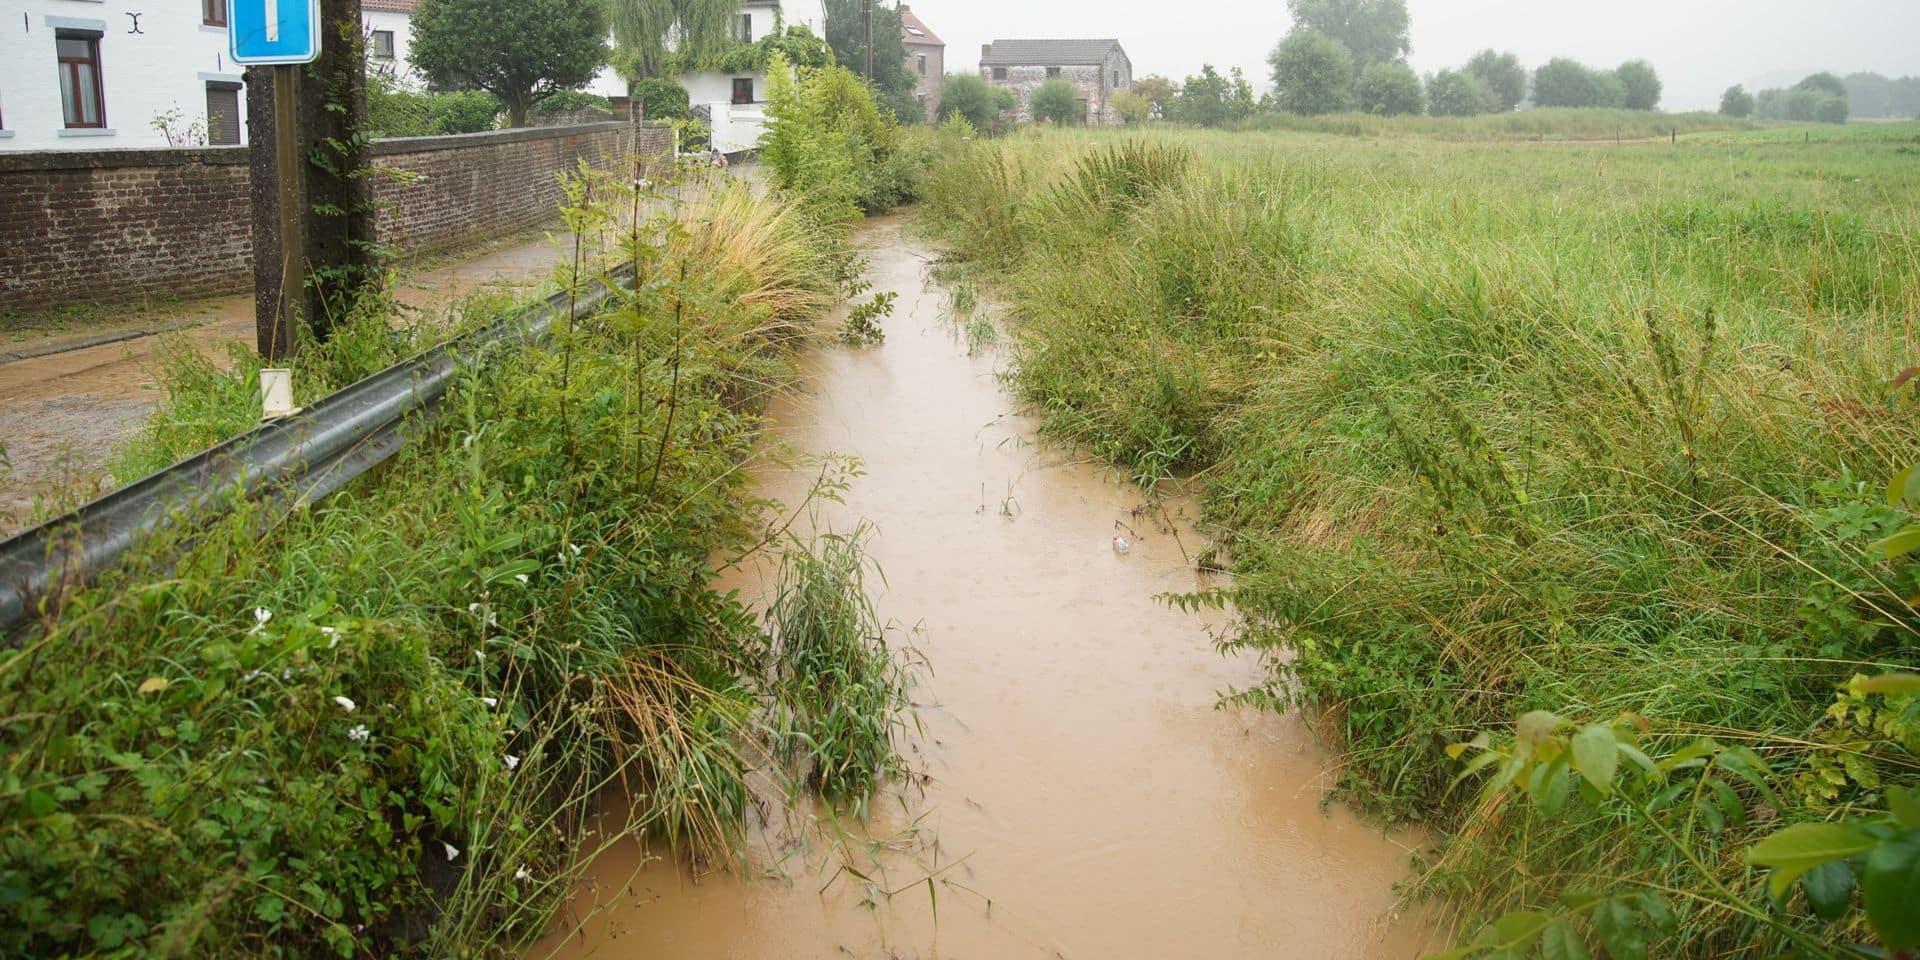 Intempéries dans le Brabant wallon: plusieurs cours d'eau en phase d'alerte de crue